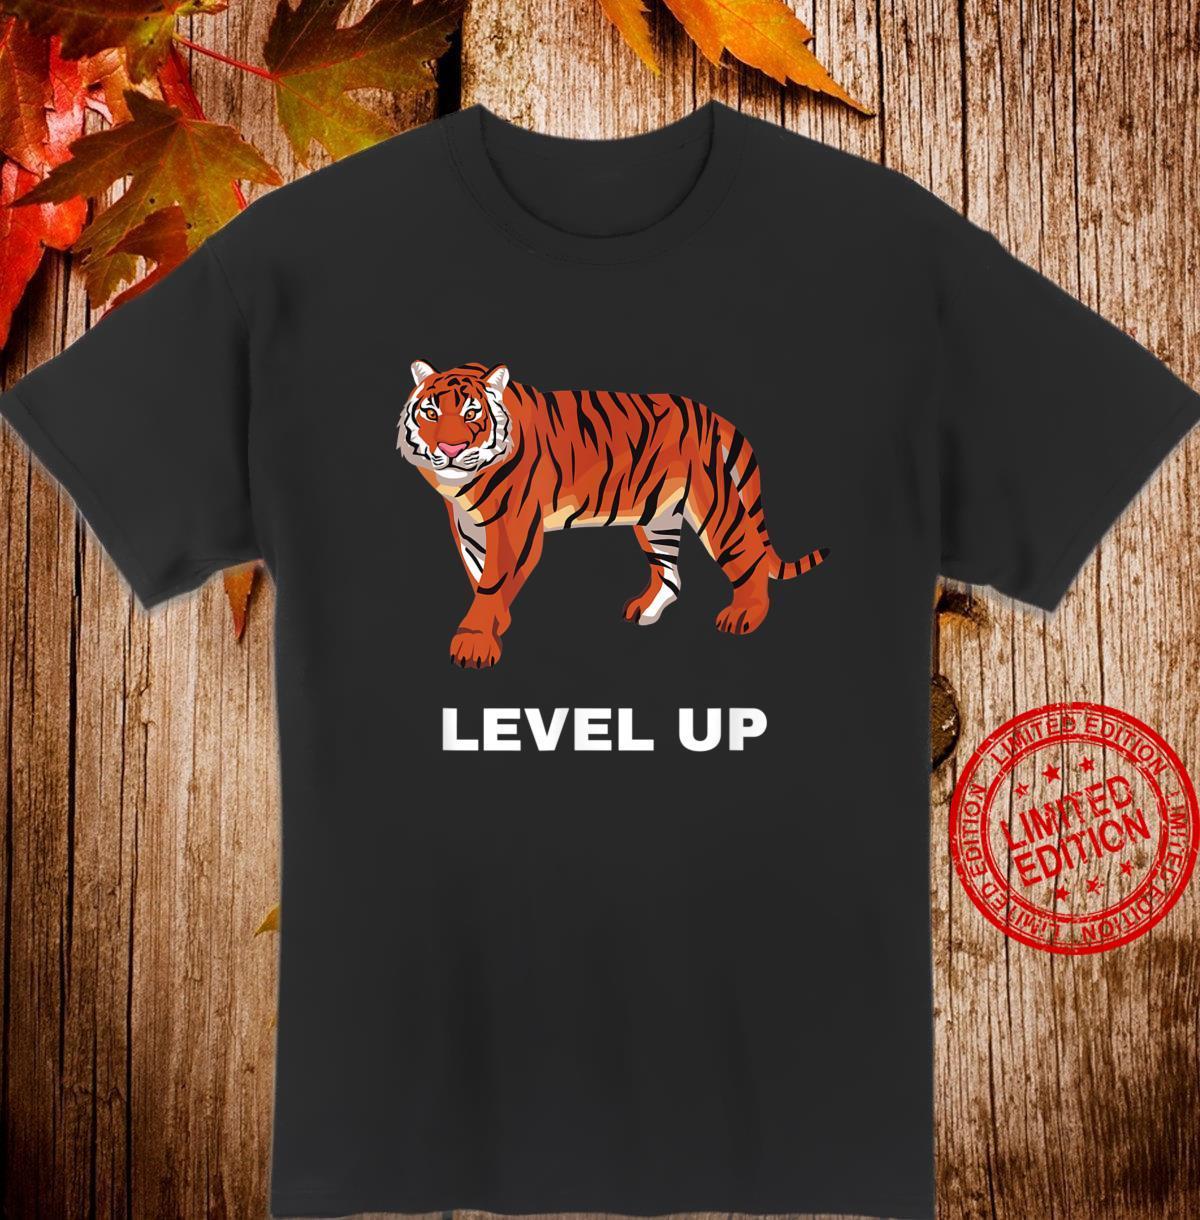 Level Up Motivational Work Hard Shirt